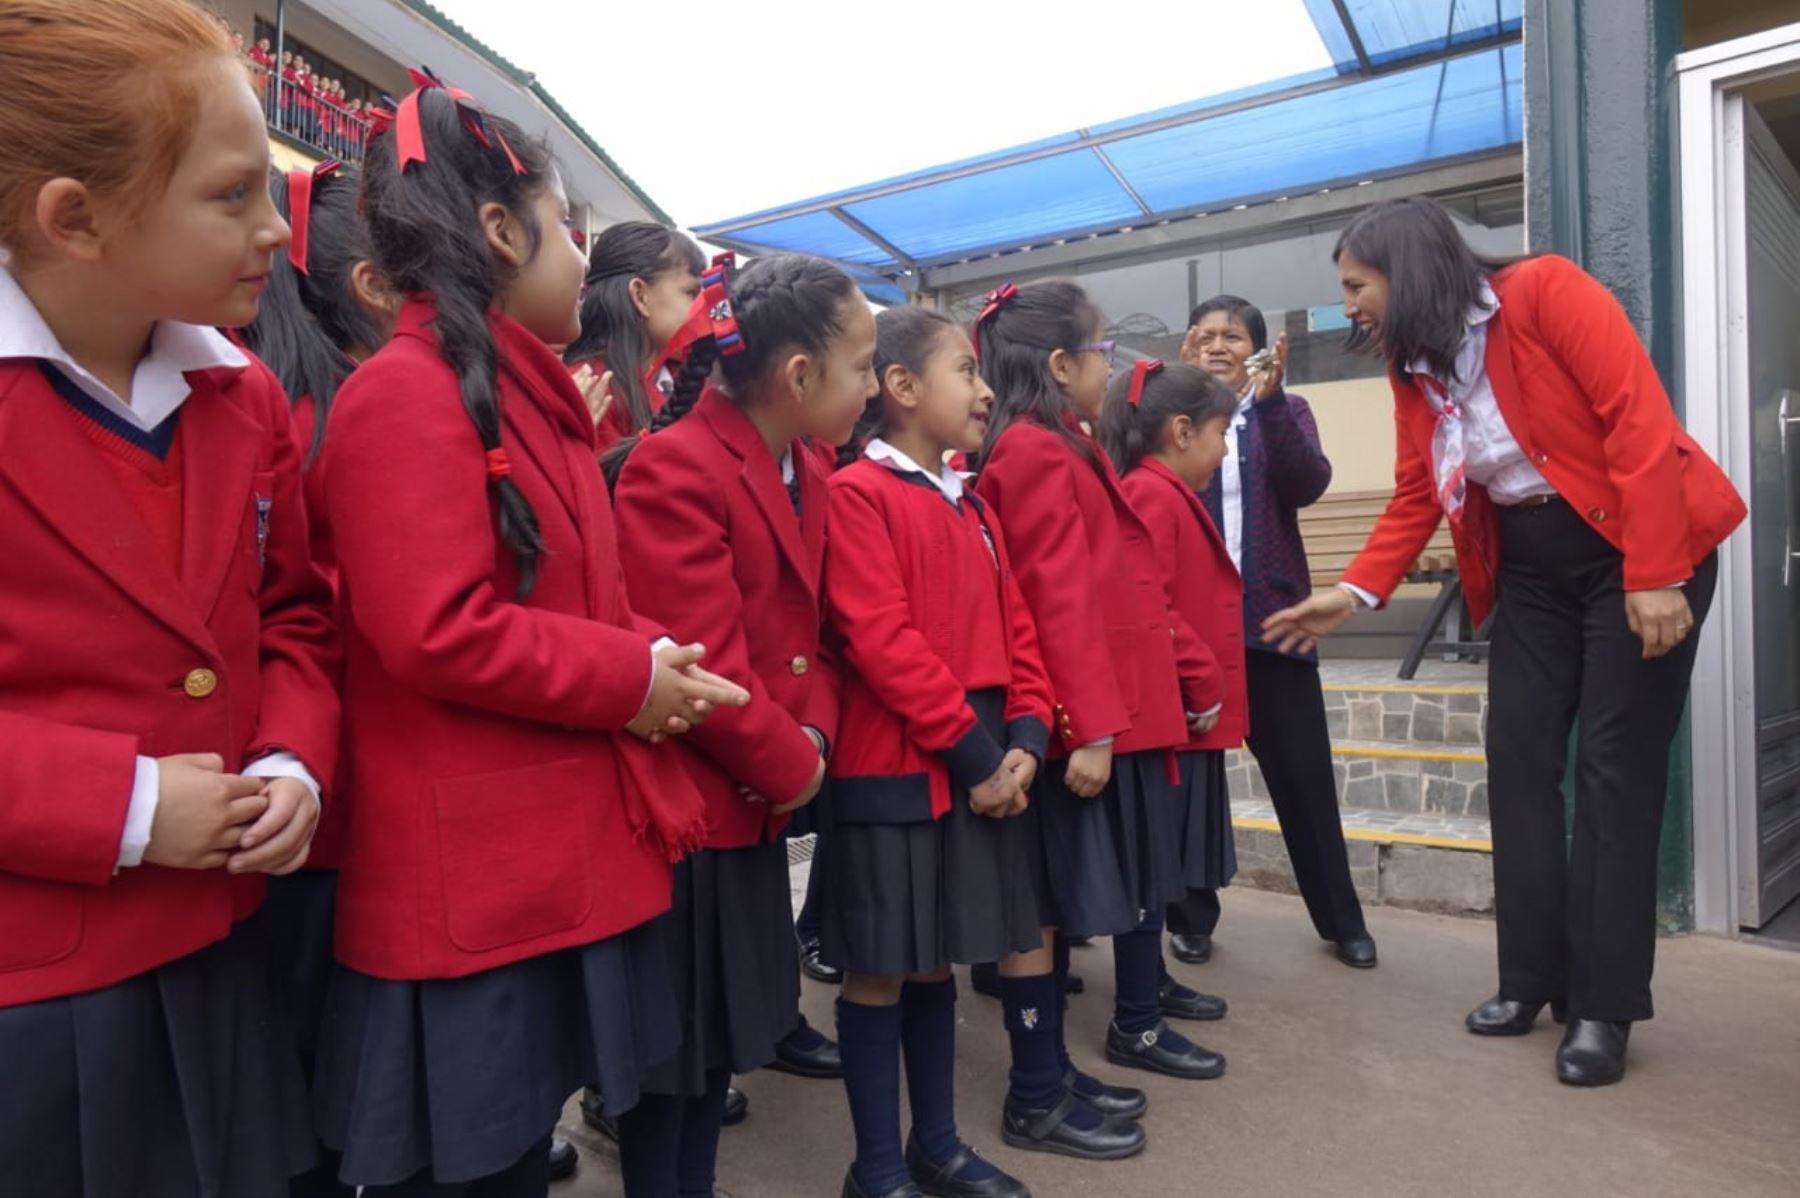 La ministra de Educación, Flor Pablo, sostuvo una visita de trabajo en la región Cusco, donde se reunió con estudiantes y autoridades.